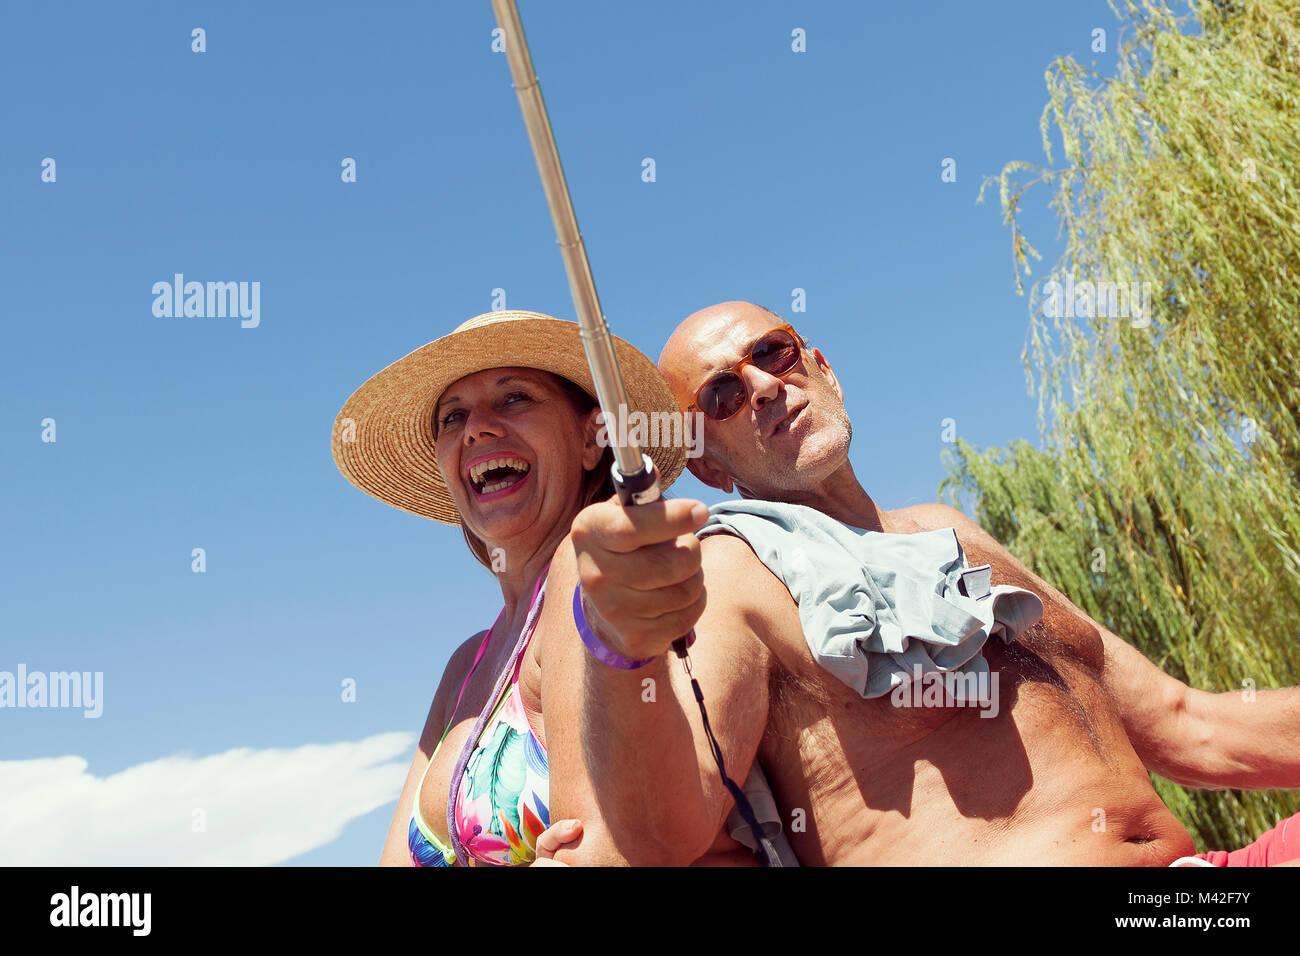 Pareja tomar un selfie con un teléfono inteligente en la playa de vacaciones. Concepto de hermosa gente divirtiéndose Imagen De Stock